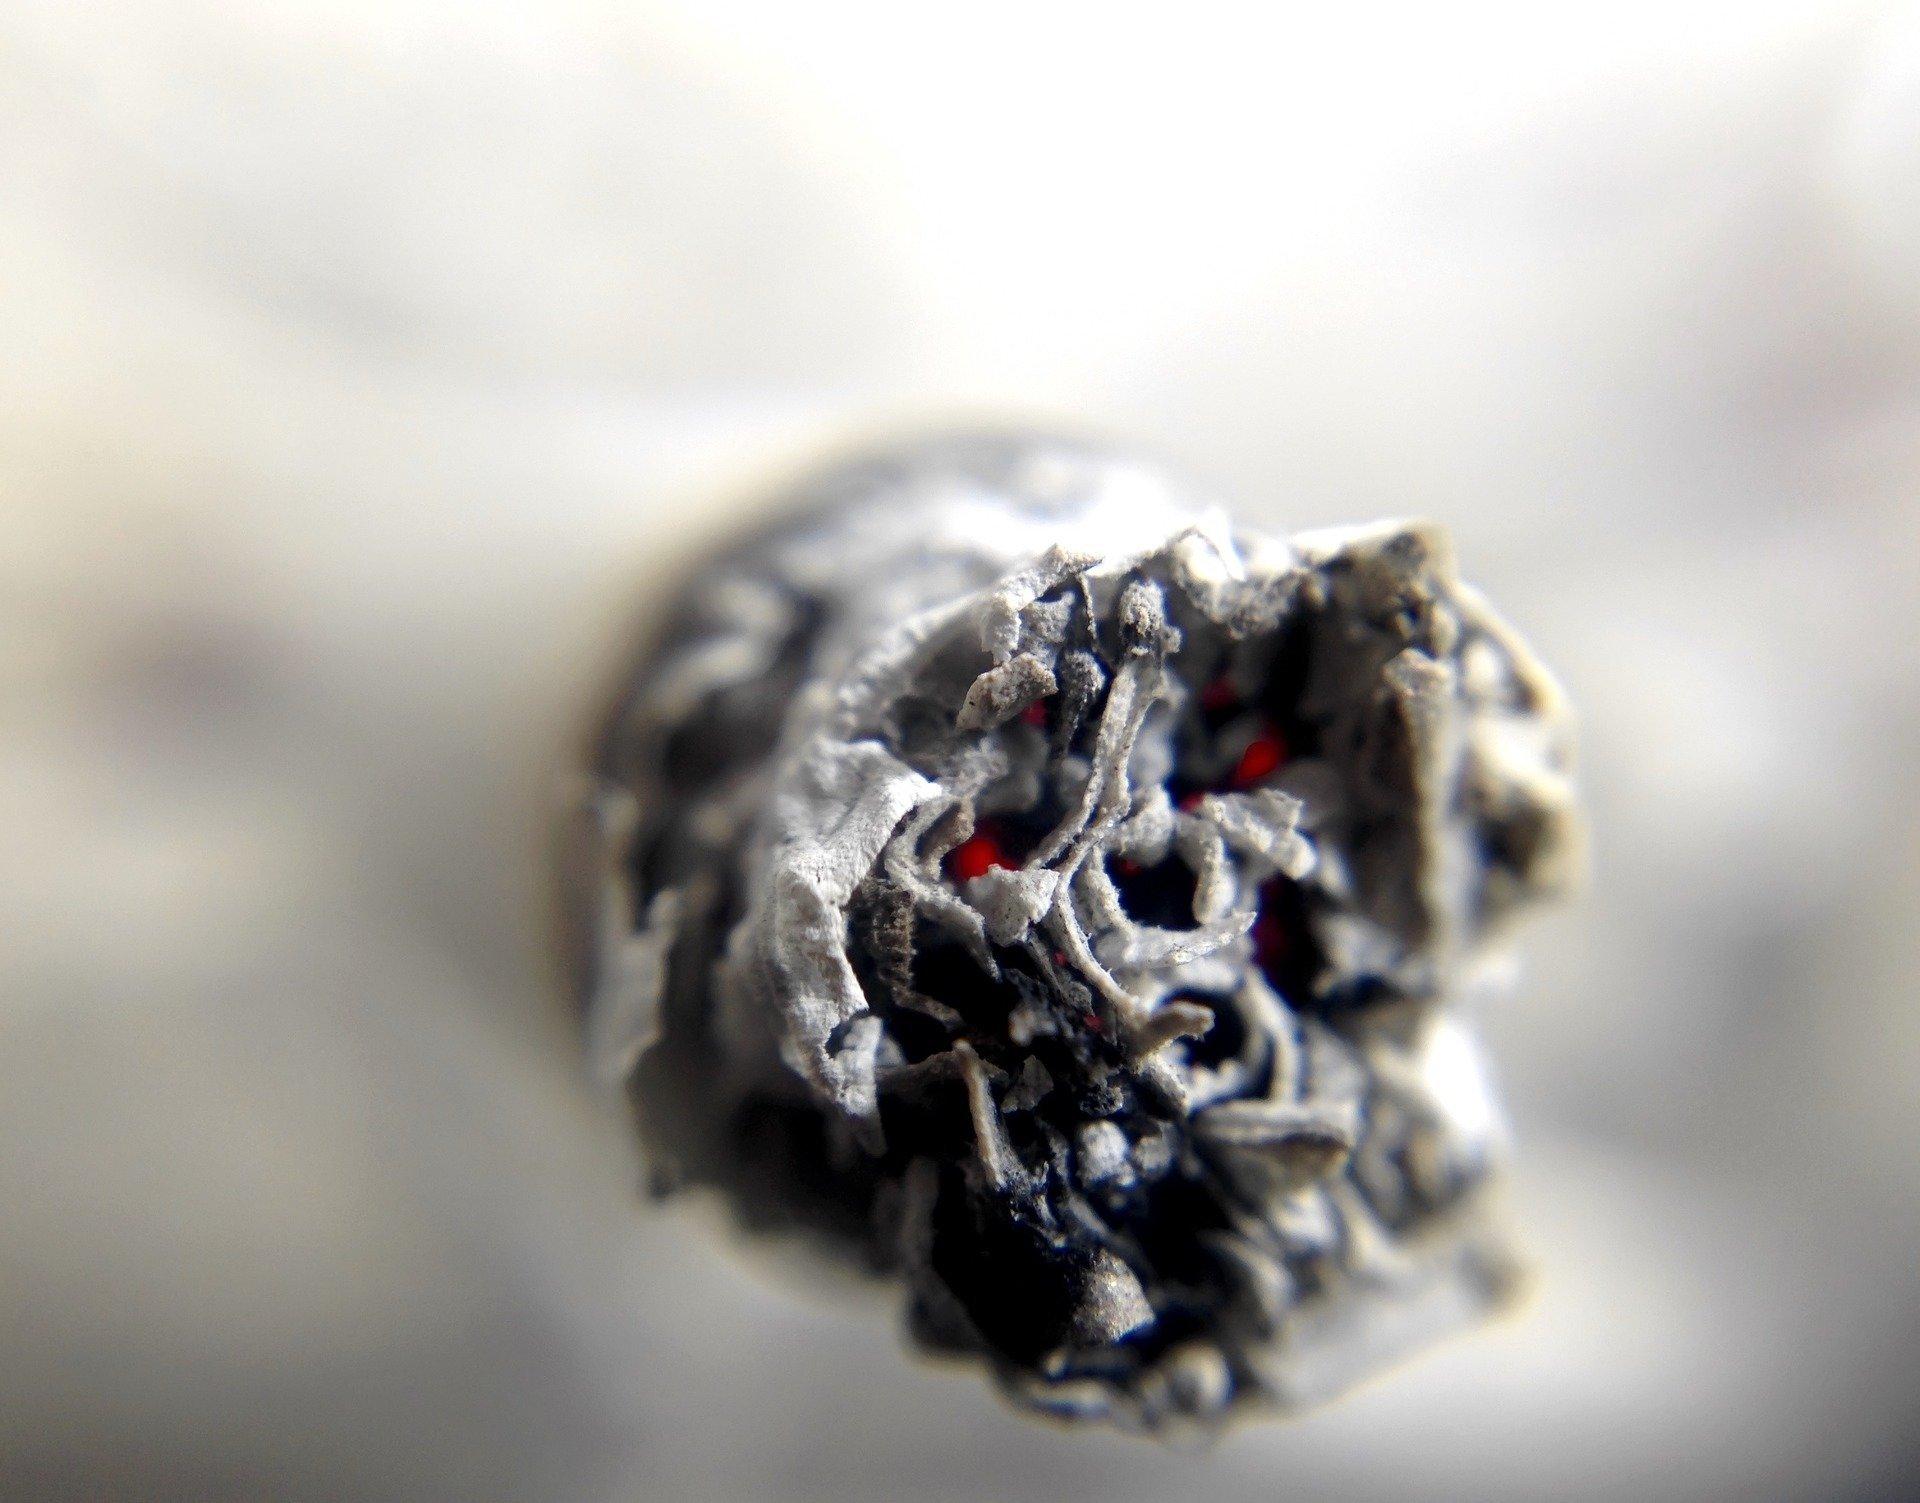 Minderjährige Marihuana-Konsum und beeinträchtigt das fahren gemeinsam in Colorado und Washington, wo Marihuana legalisiert wird